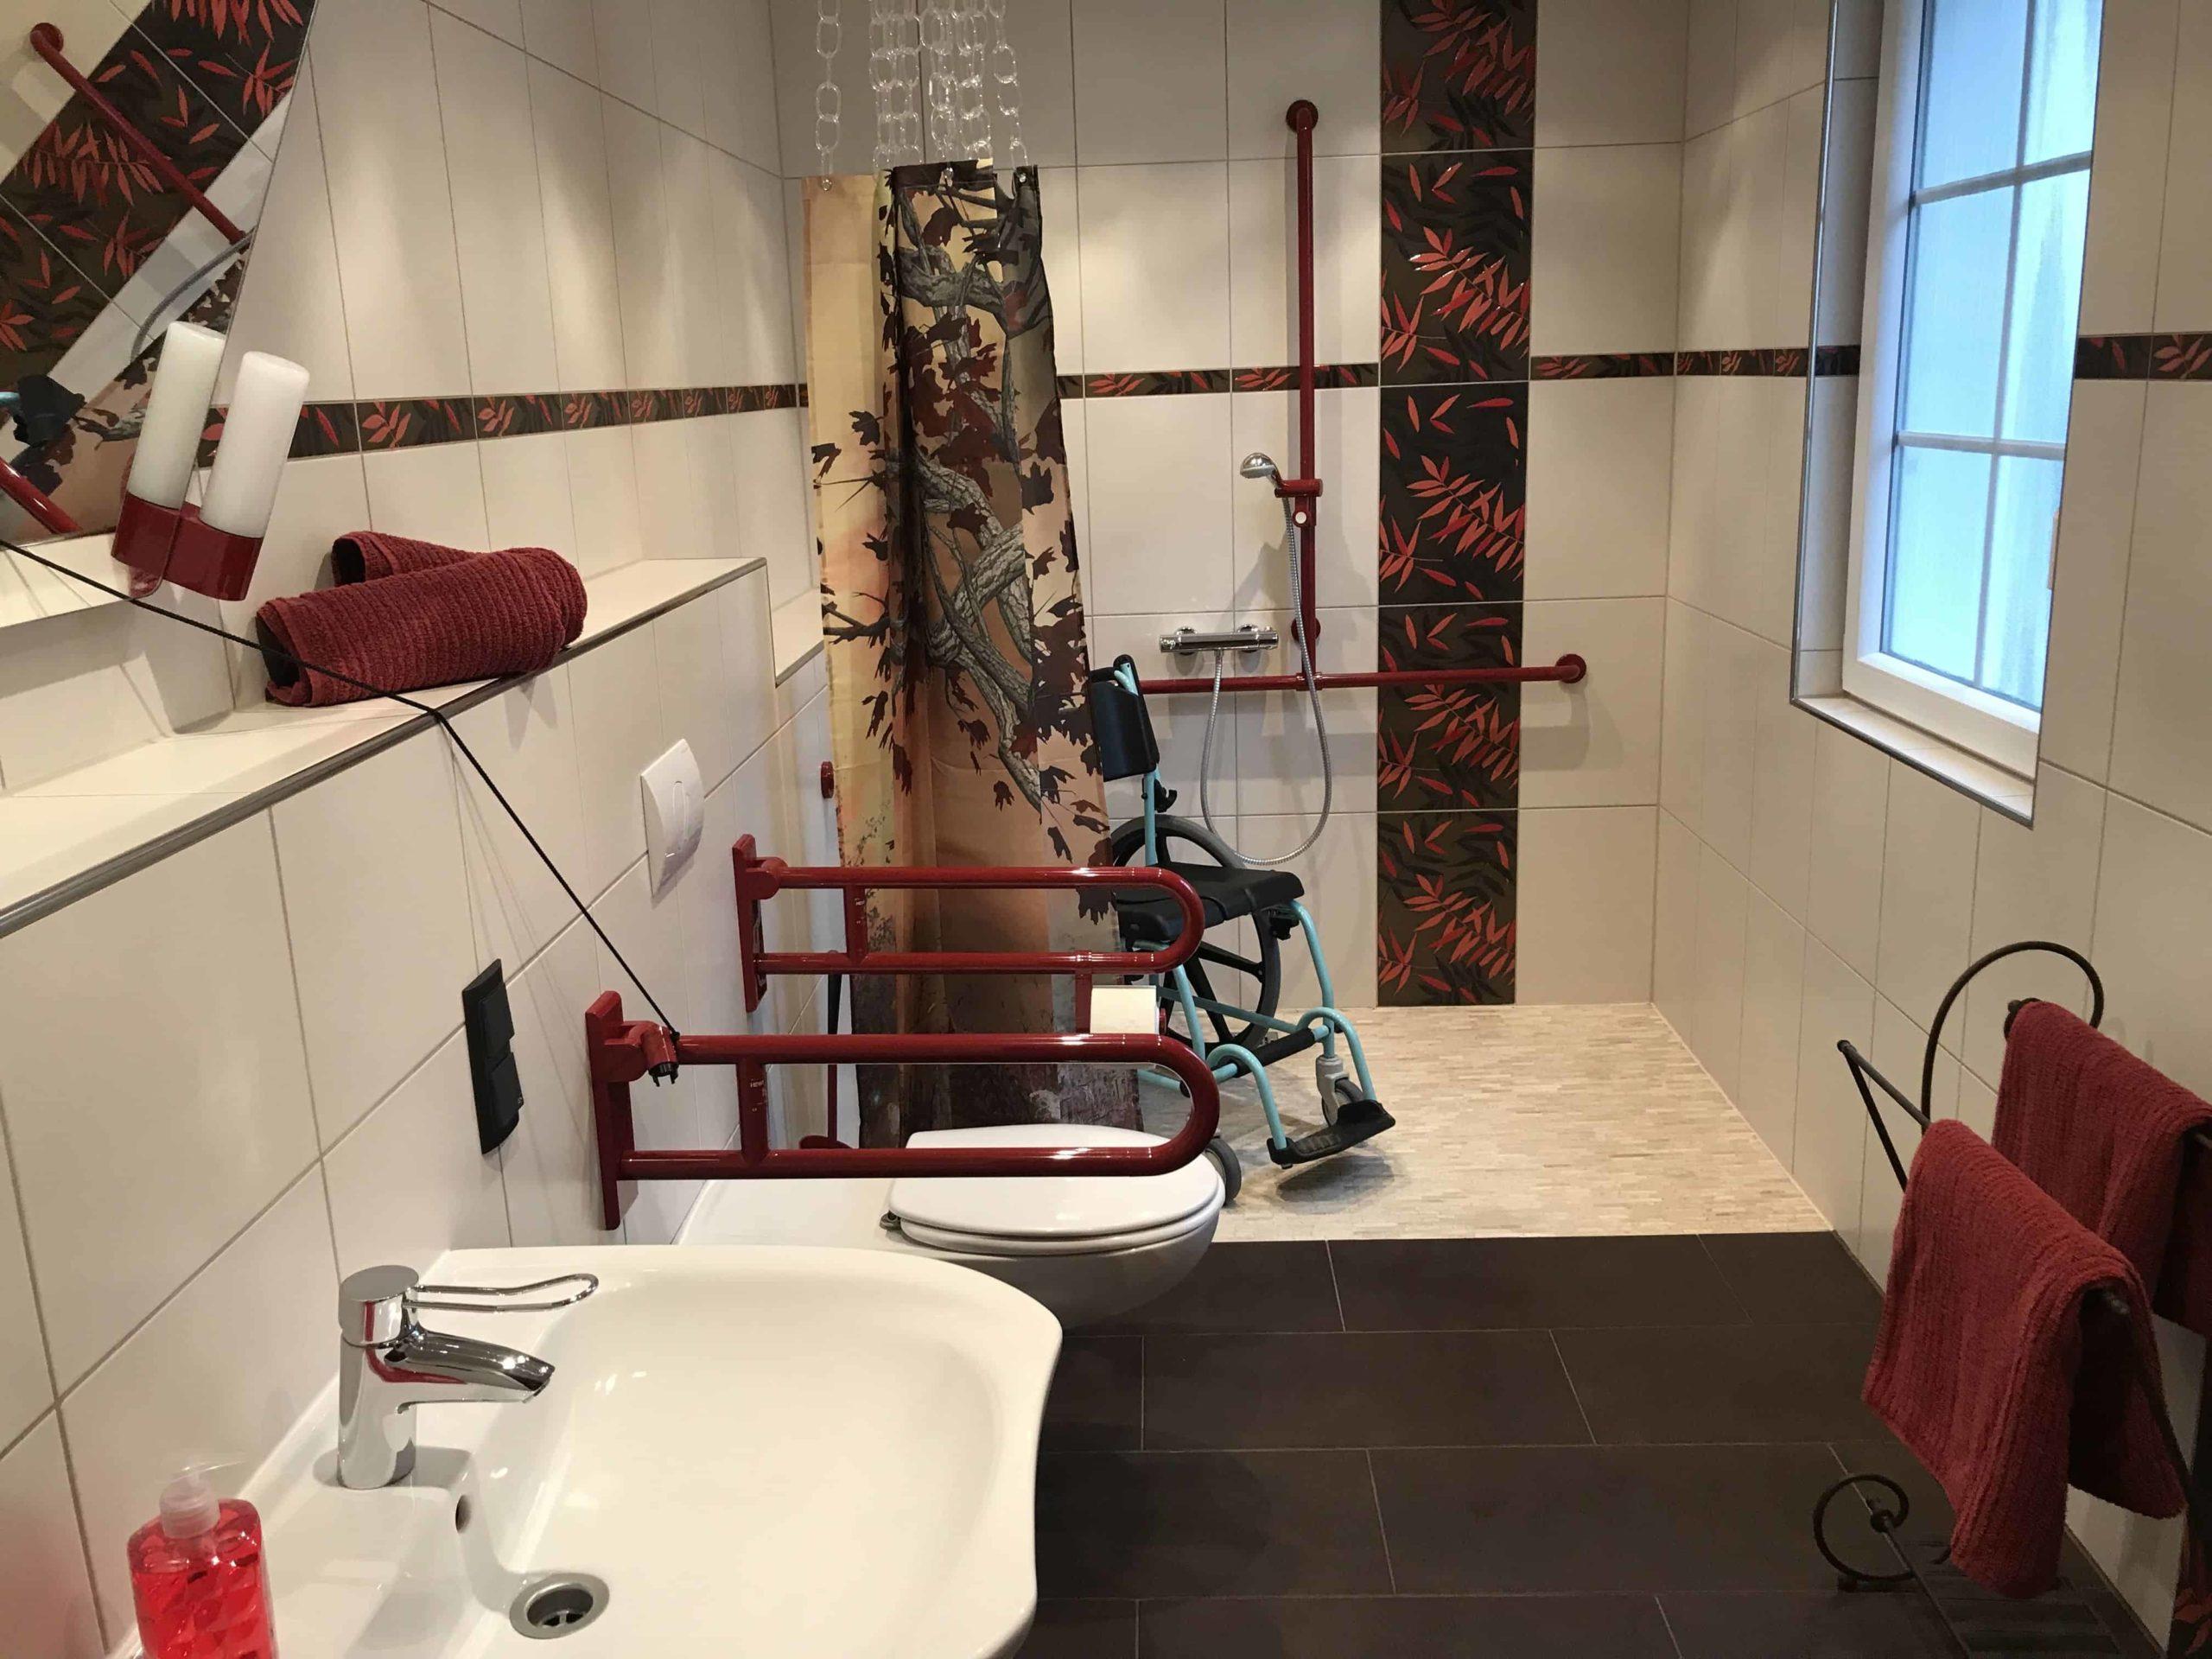 Baño accesible con silla de baño. Tonos blancos y corinto